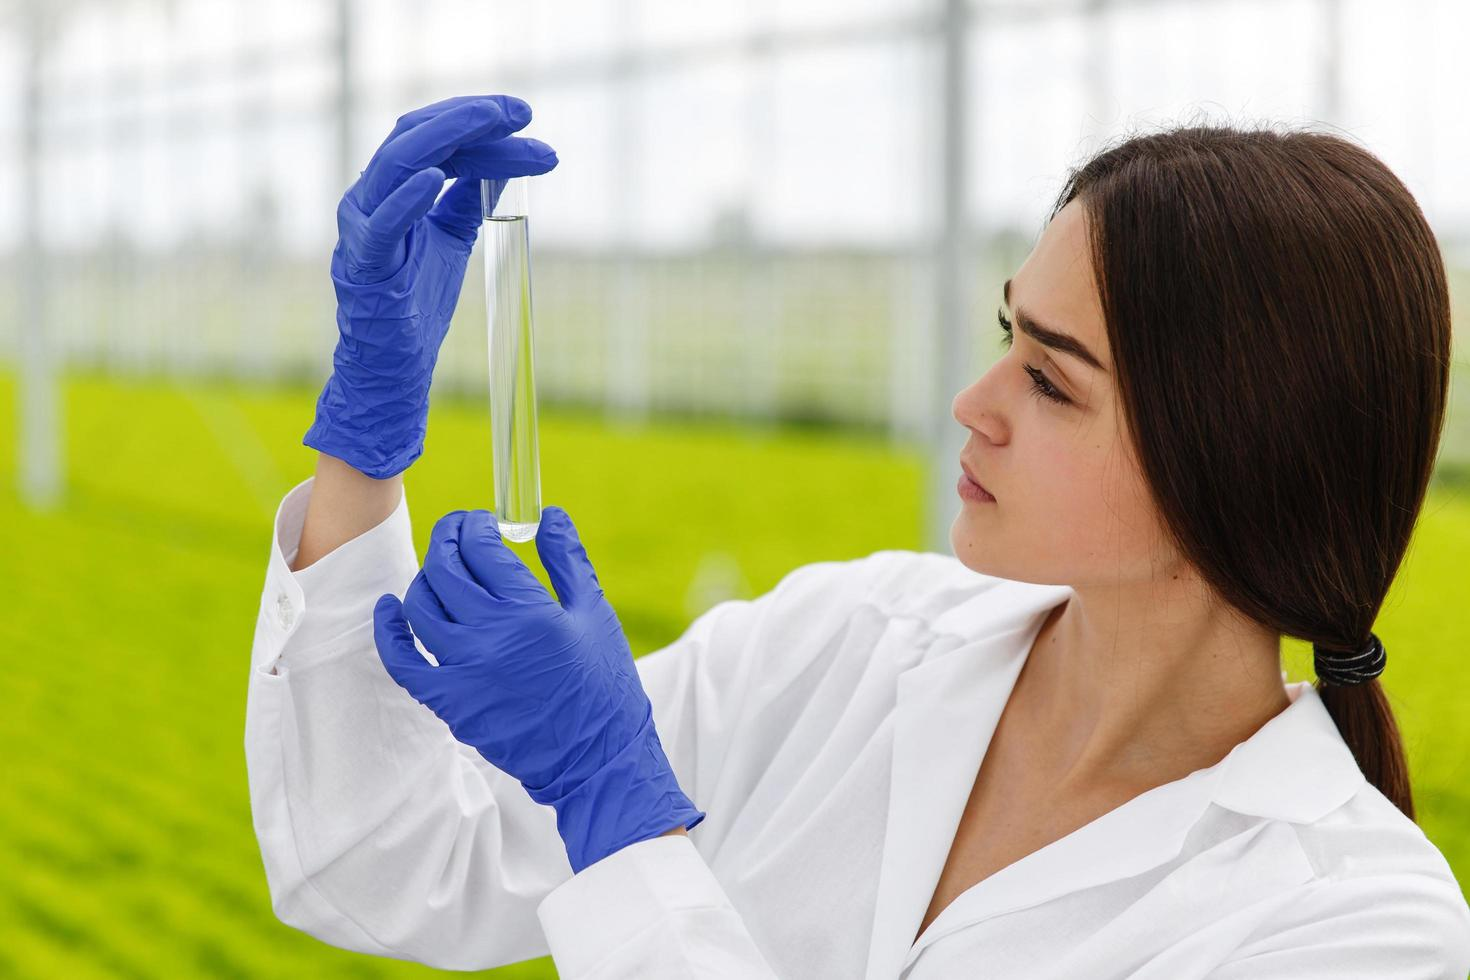 Forscherin hält eine Glasröhre foto